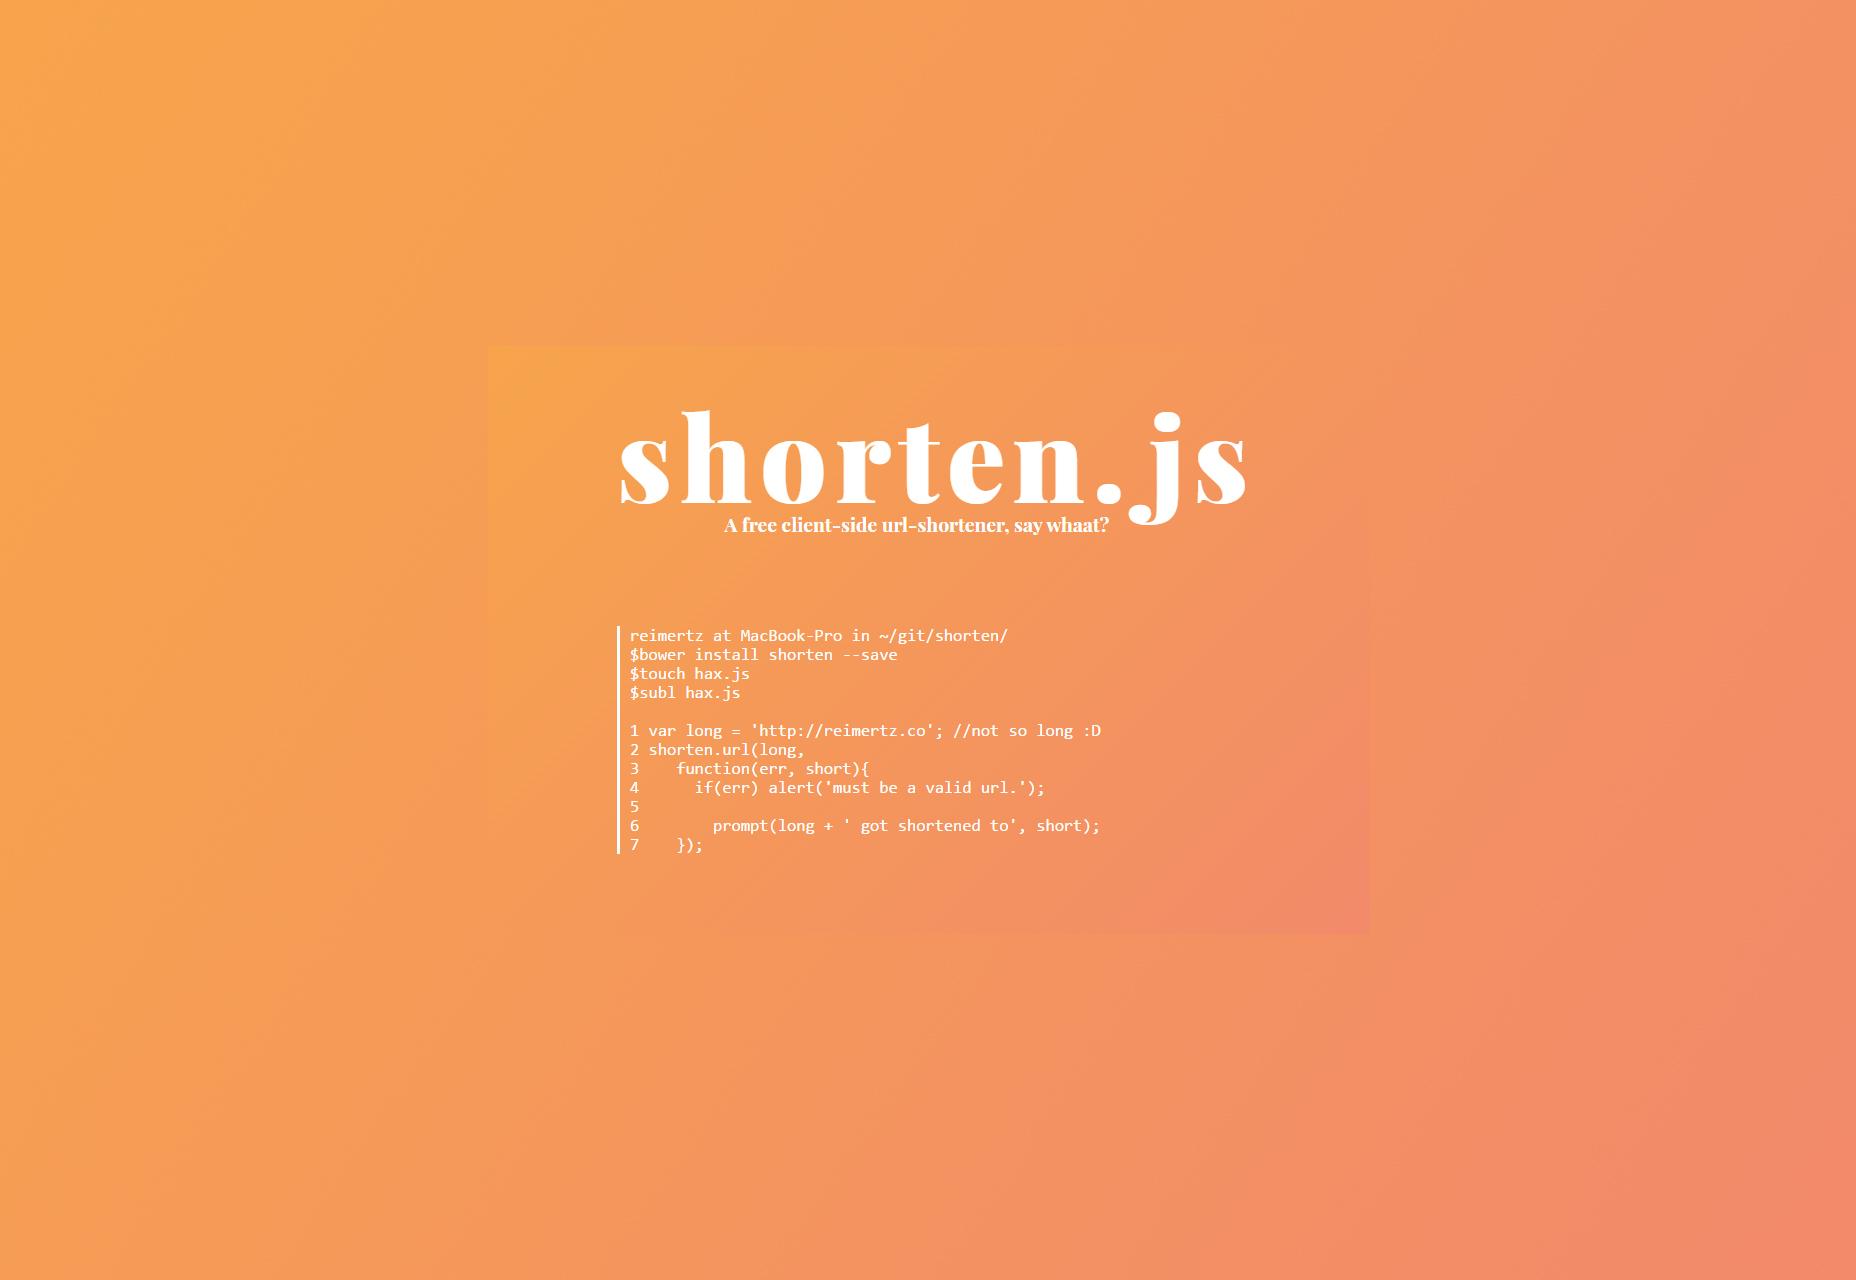 Shorten.li: Client-side Url-shortening JS Snippet